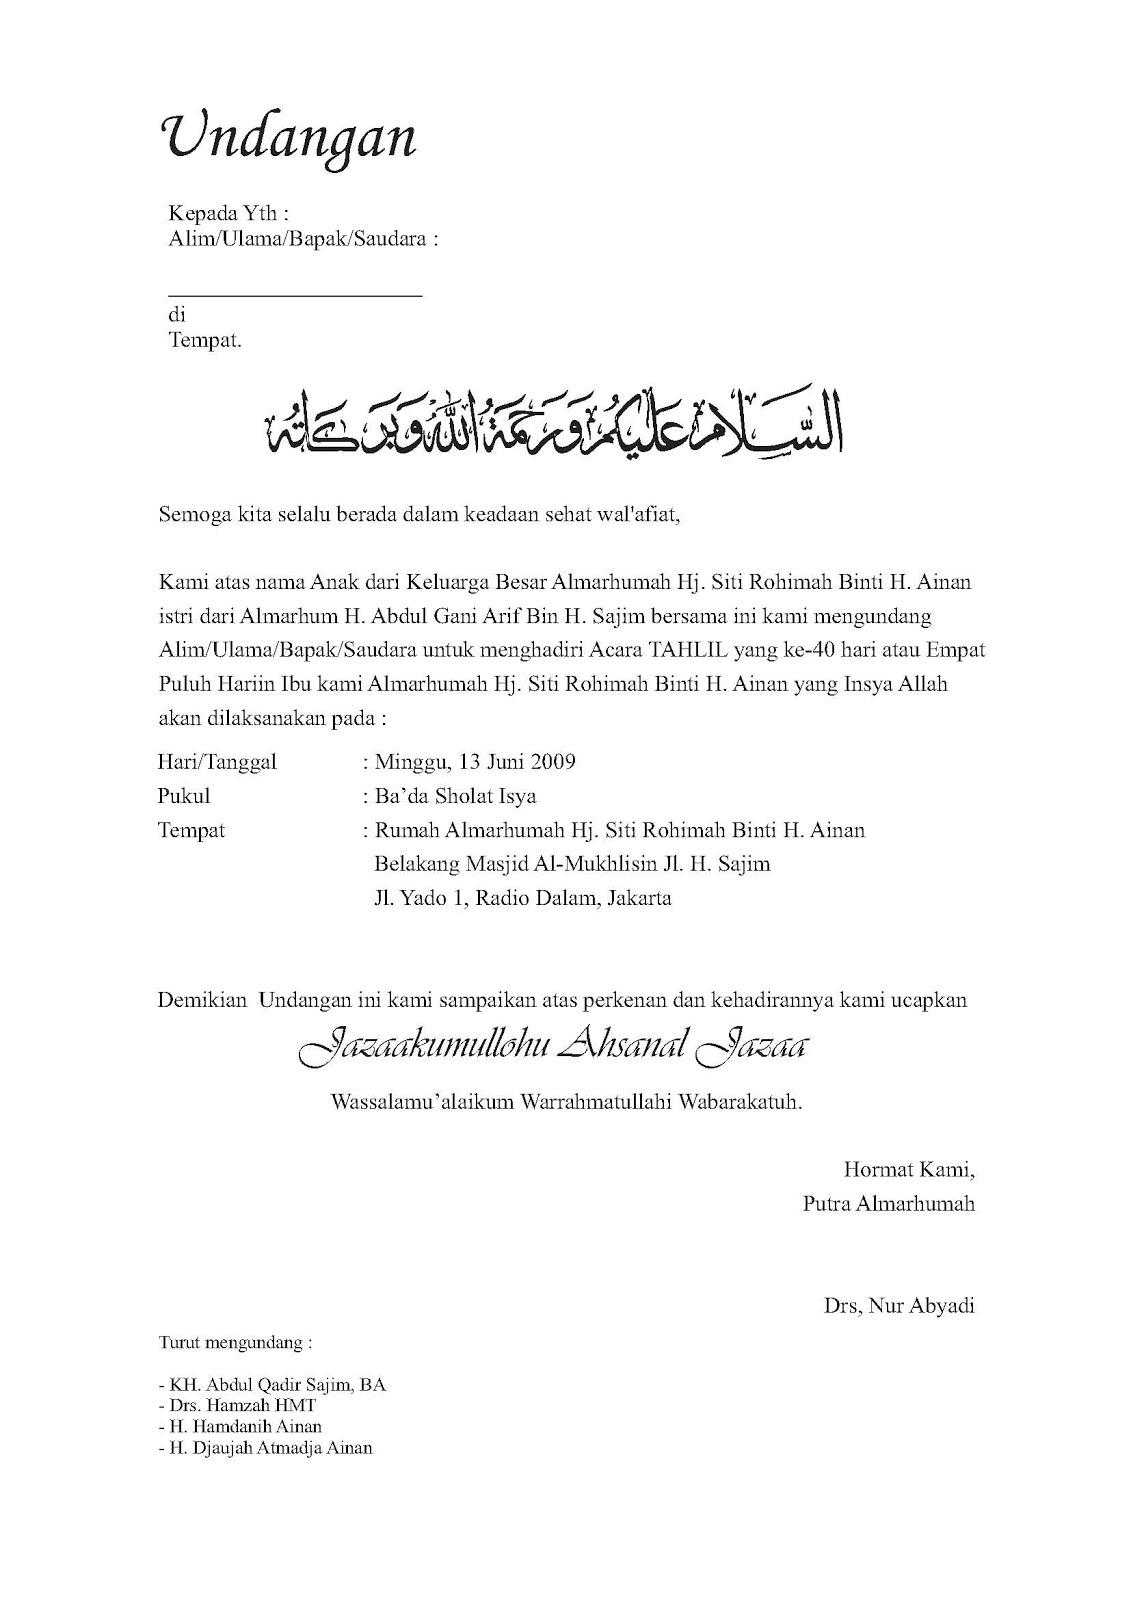 Contoh Surat Undangan Haulan Suratmenyurat Net